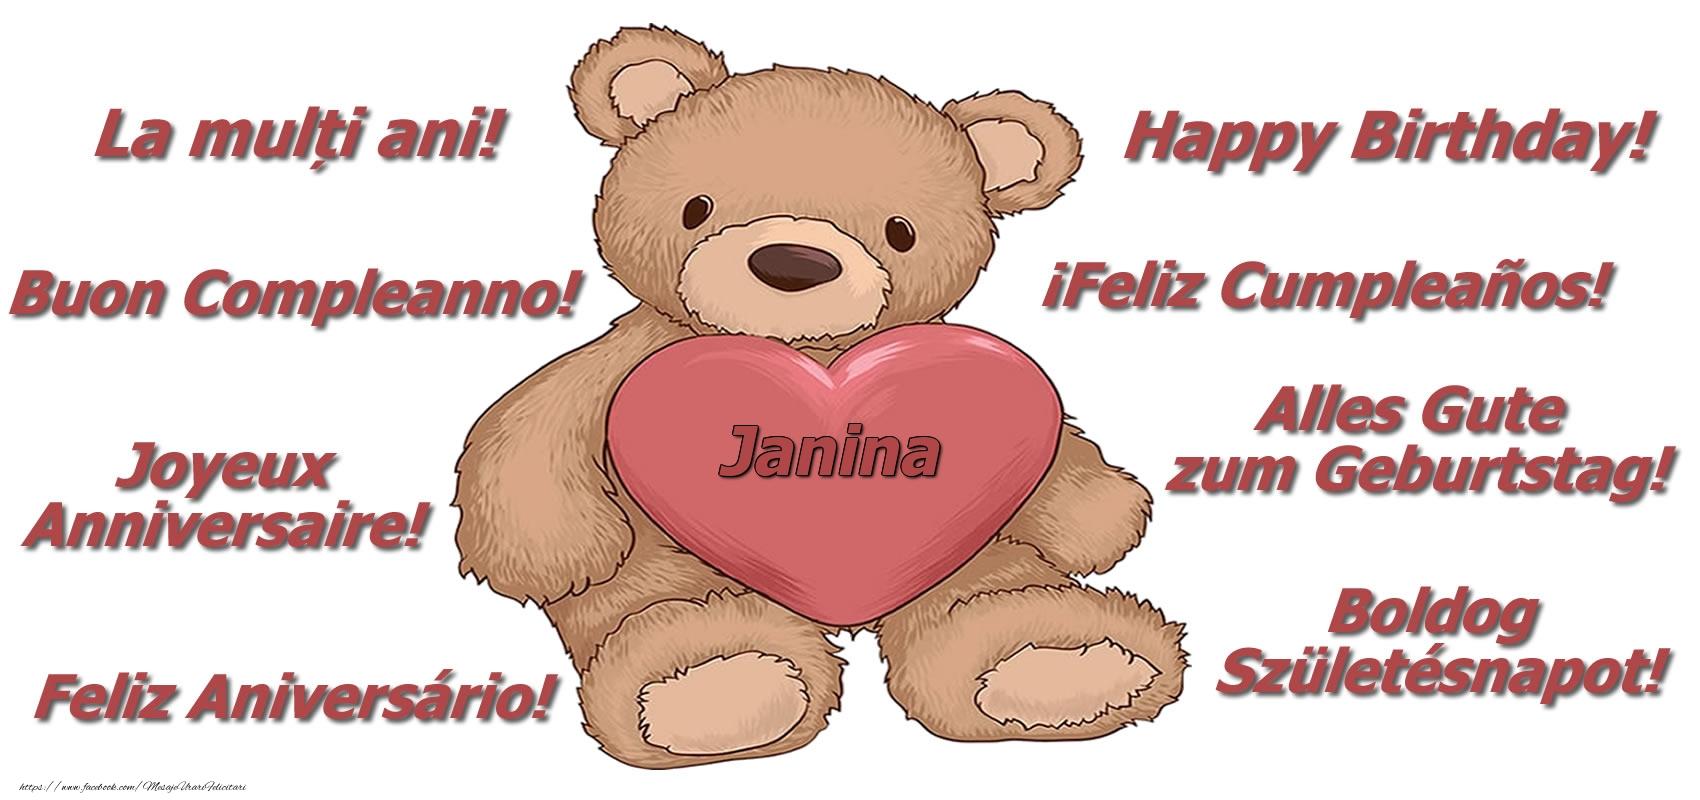 Felicitari de zi de nastere - La multi ani Janina! - Ursulet